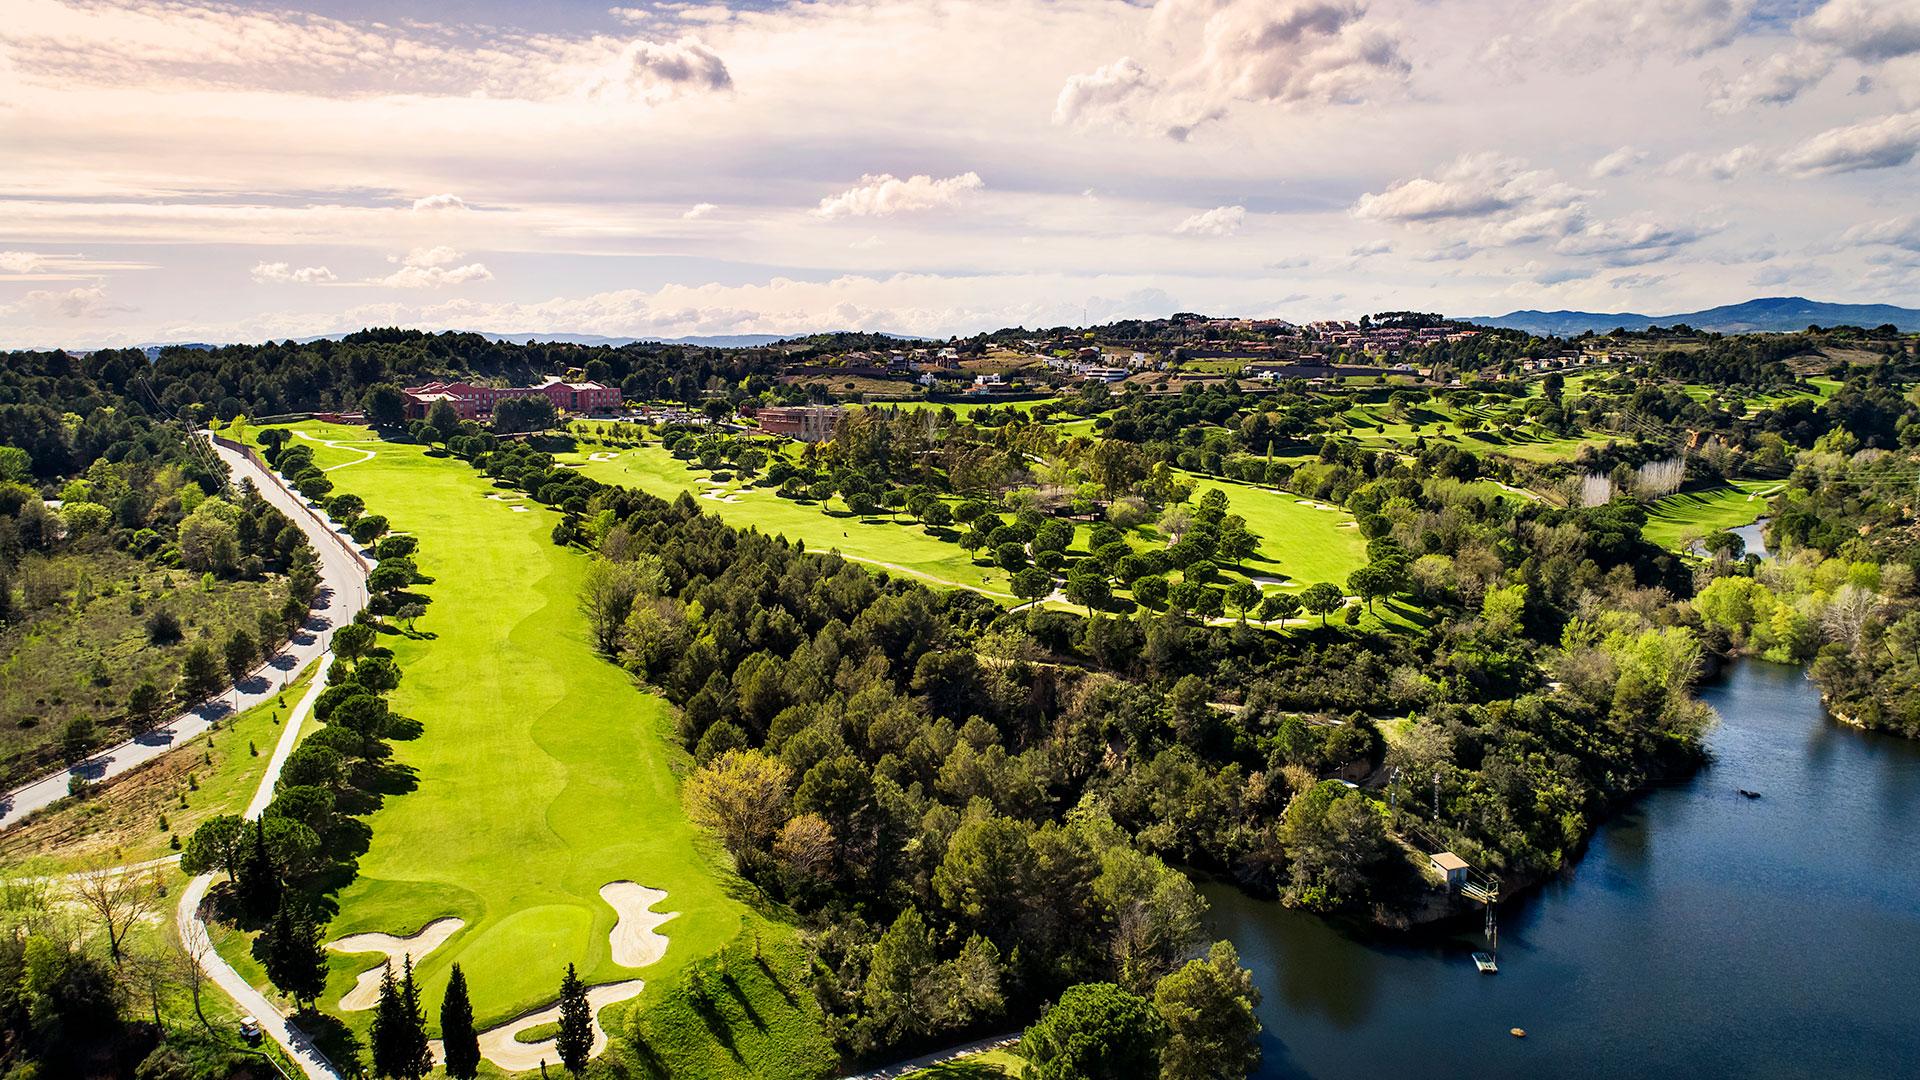 campo de golf barcelona vista aerea lago y arboles